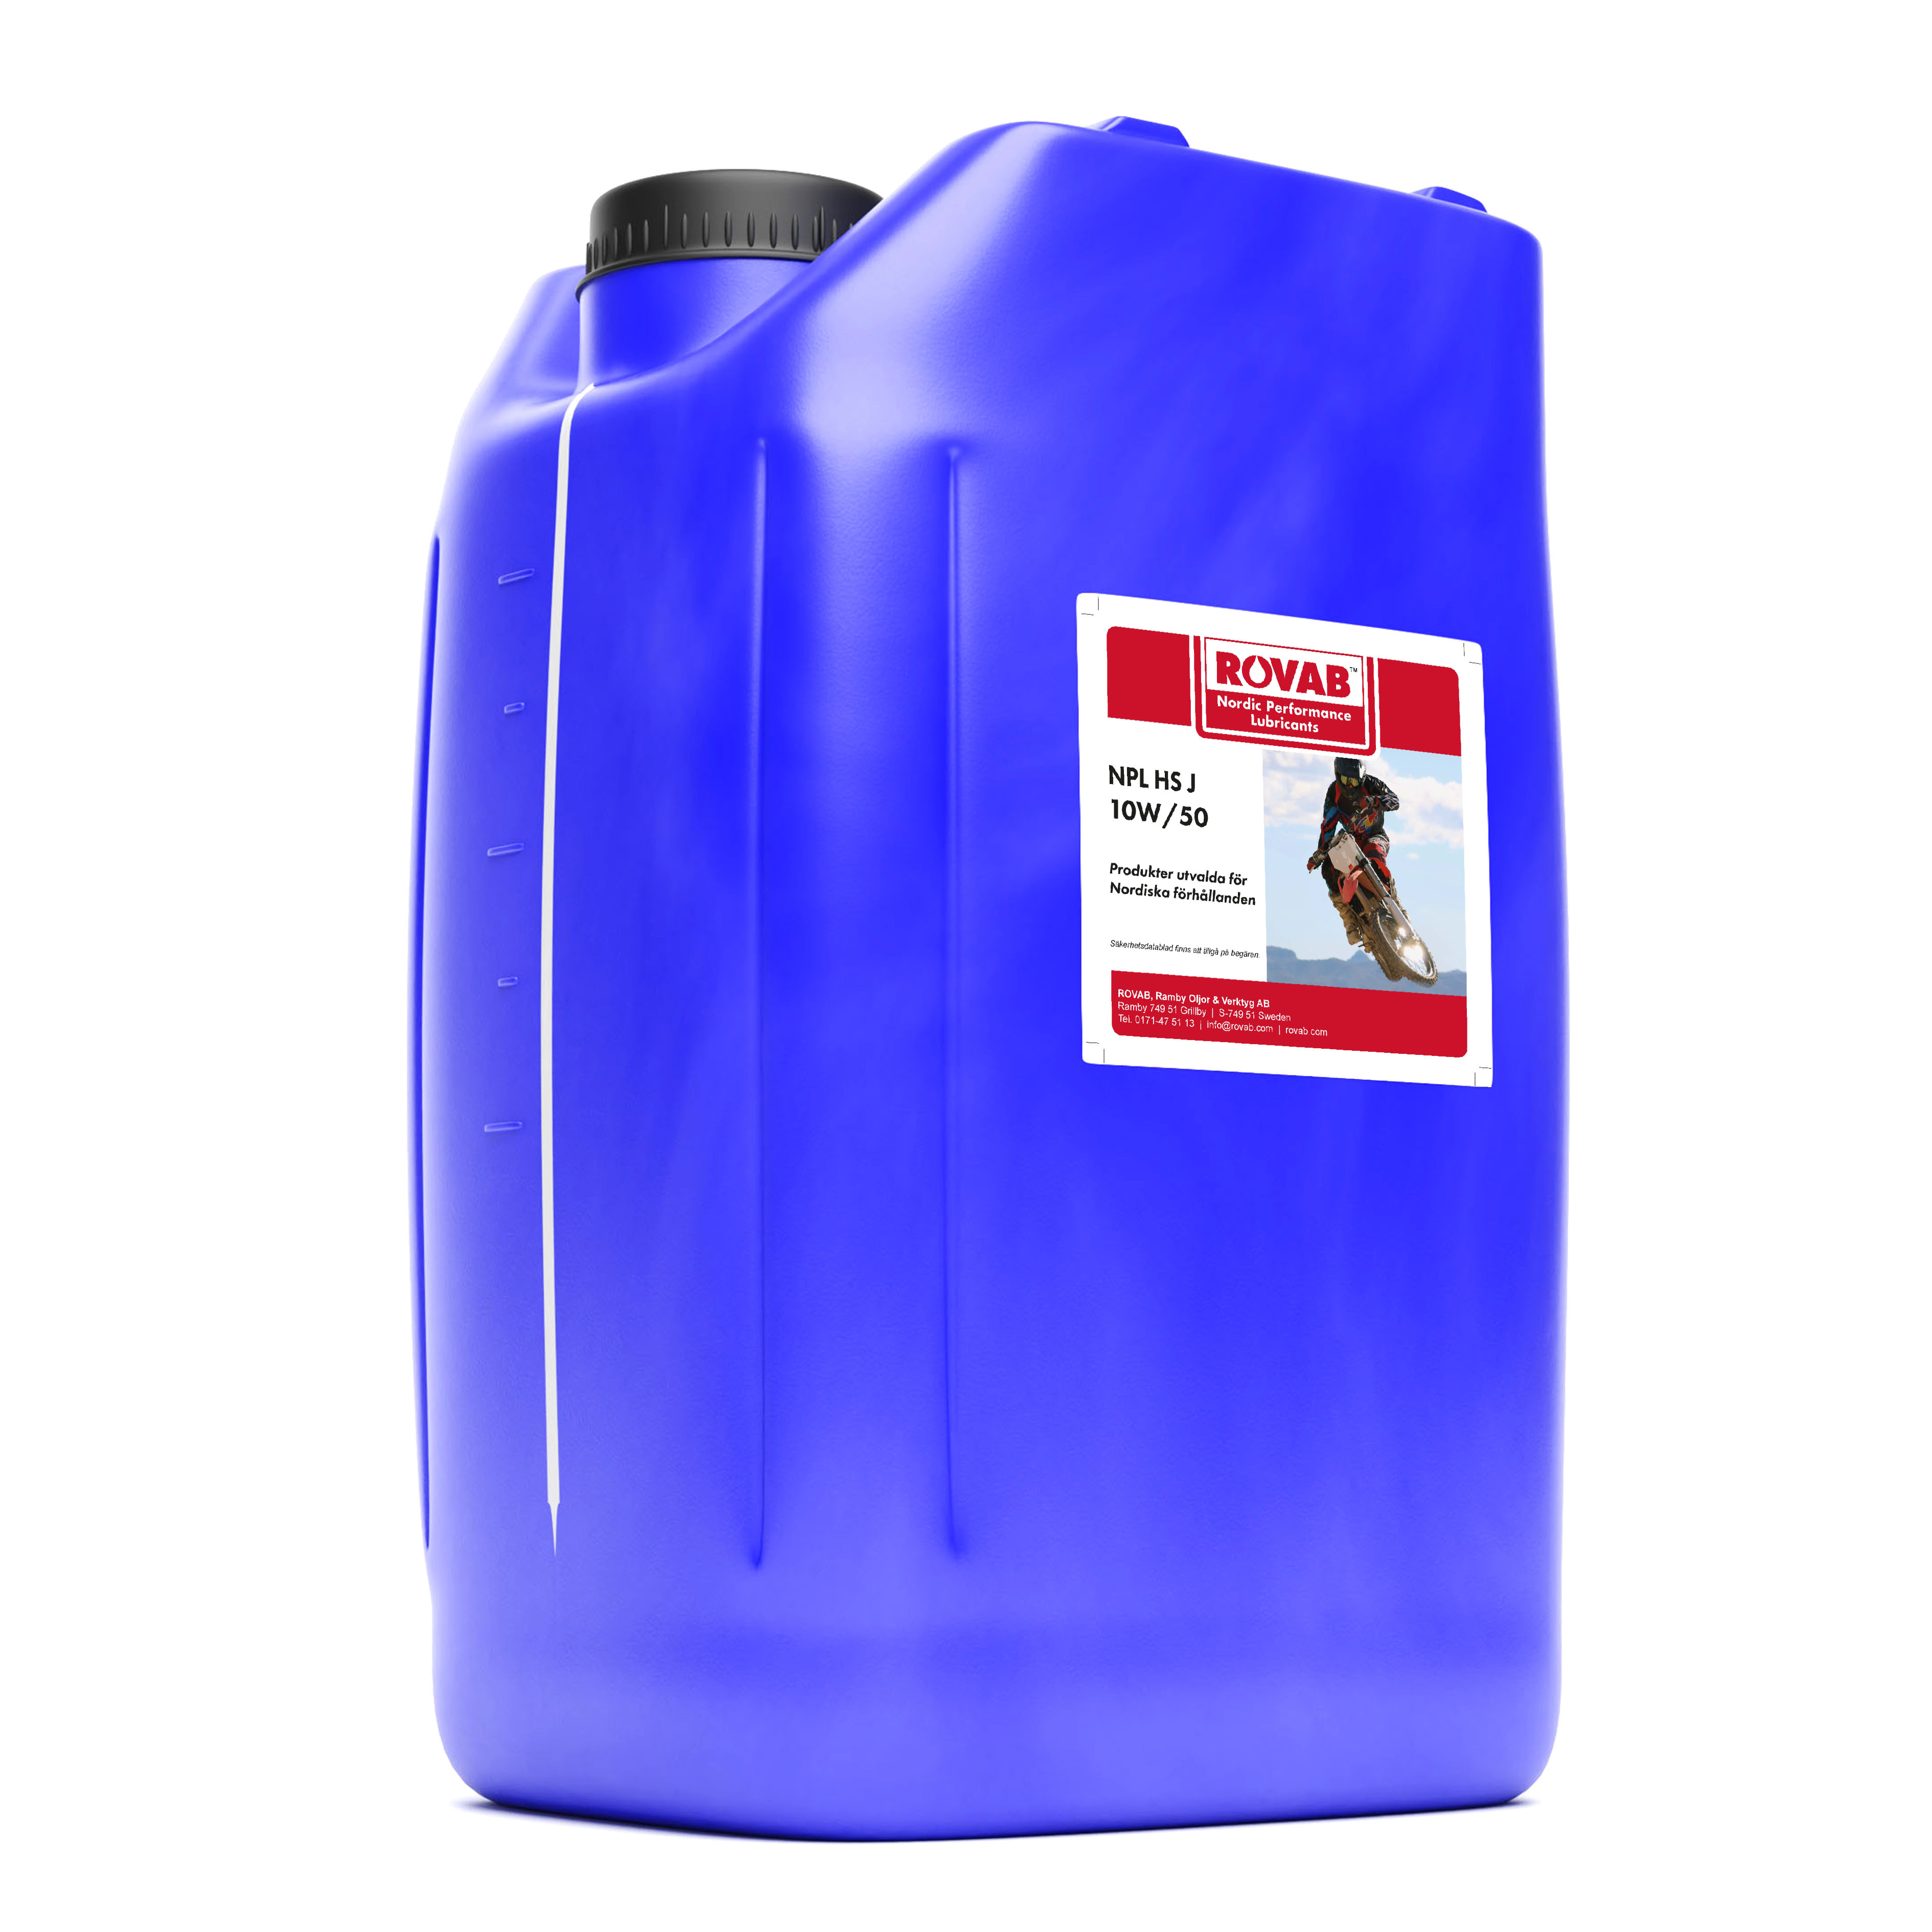 HS J 20 liter